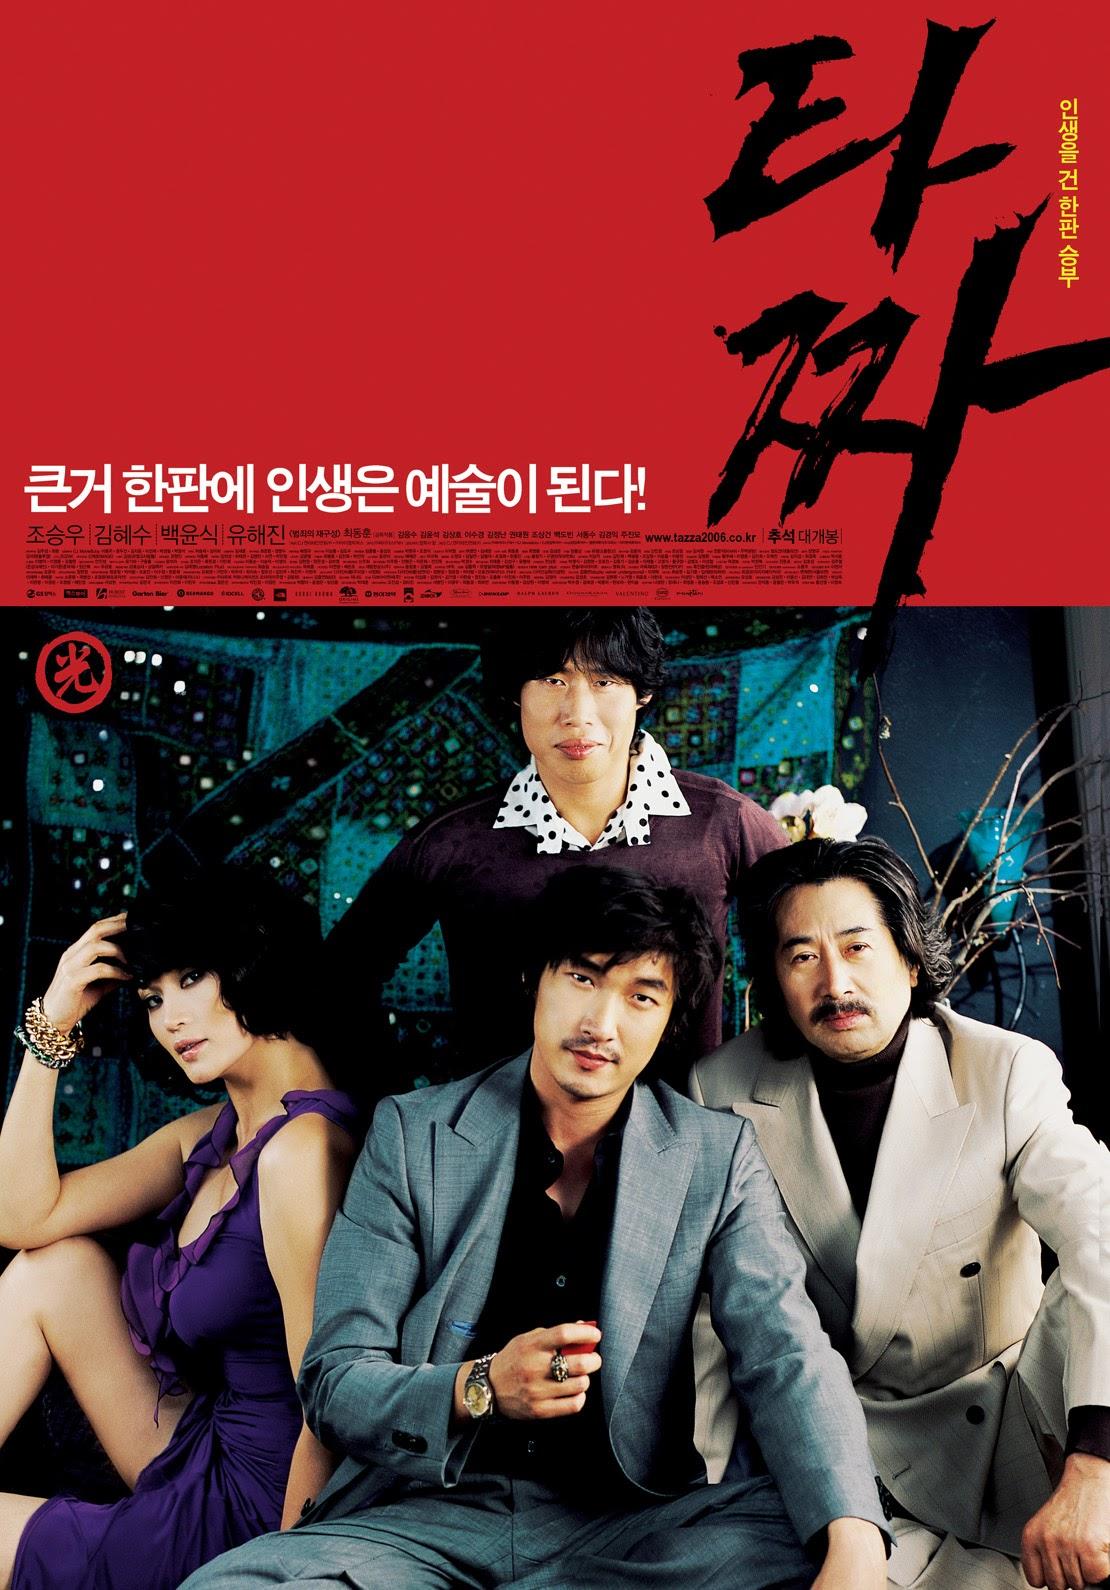 영화 <타짜>의 작품 포스터